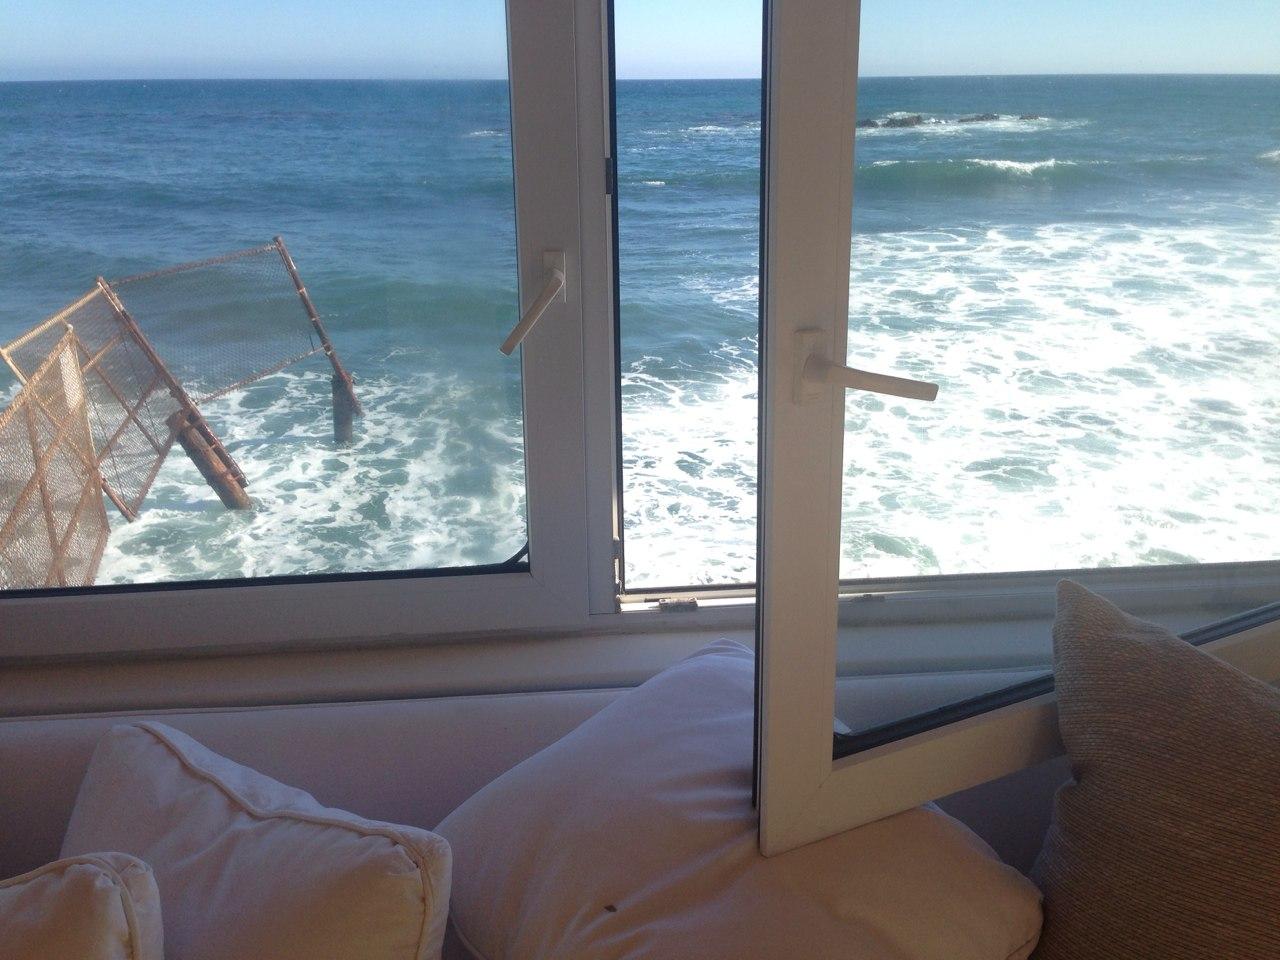 черное море вид с окна